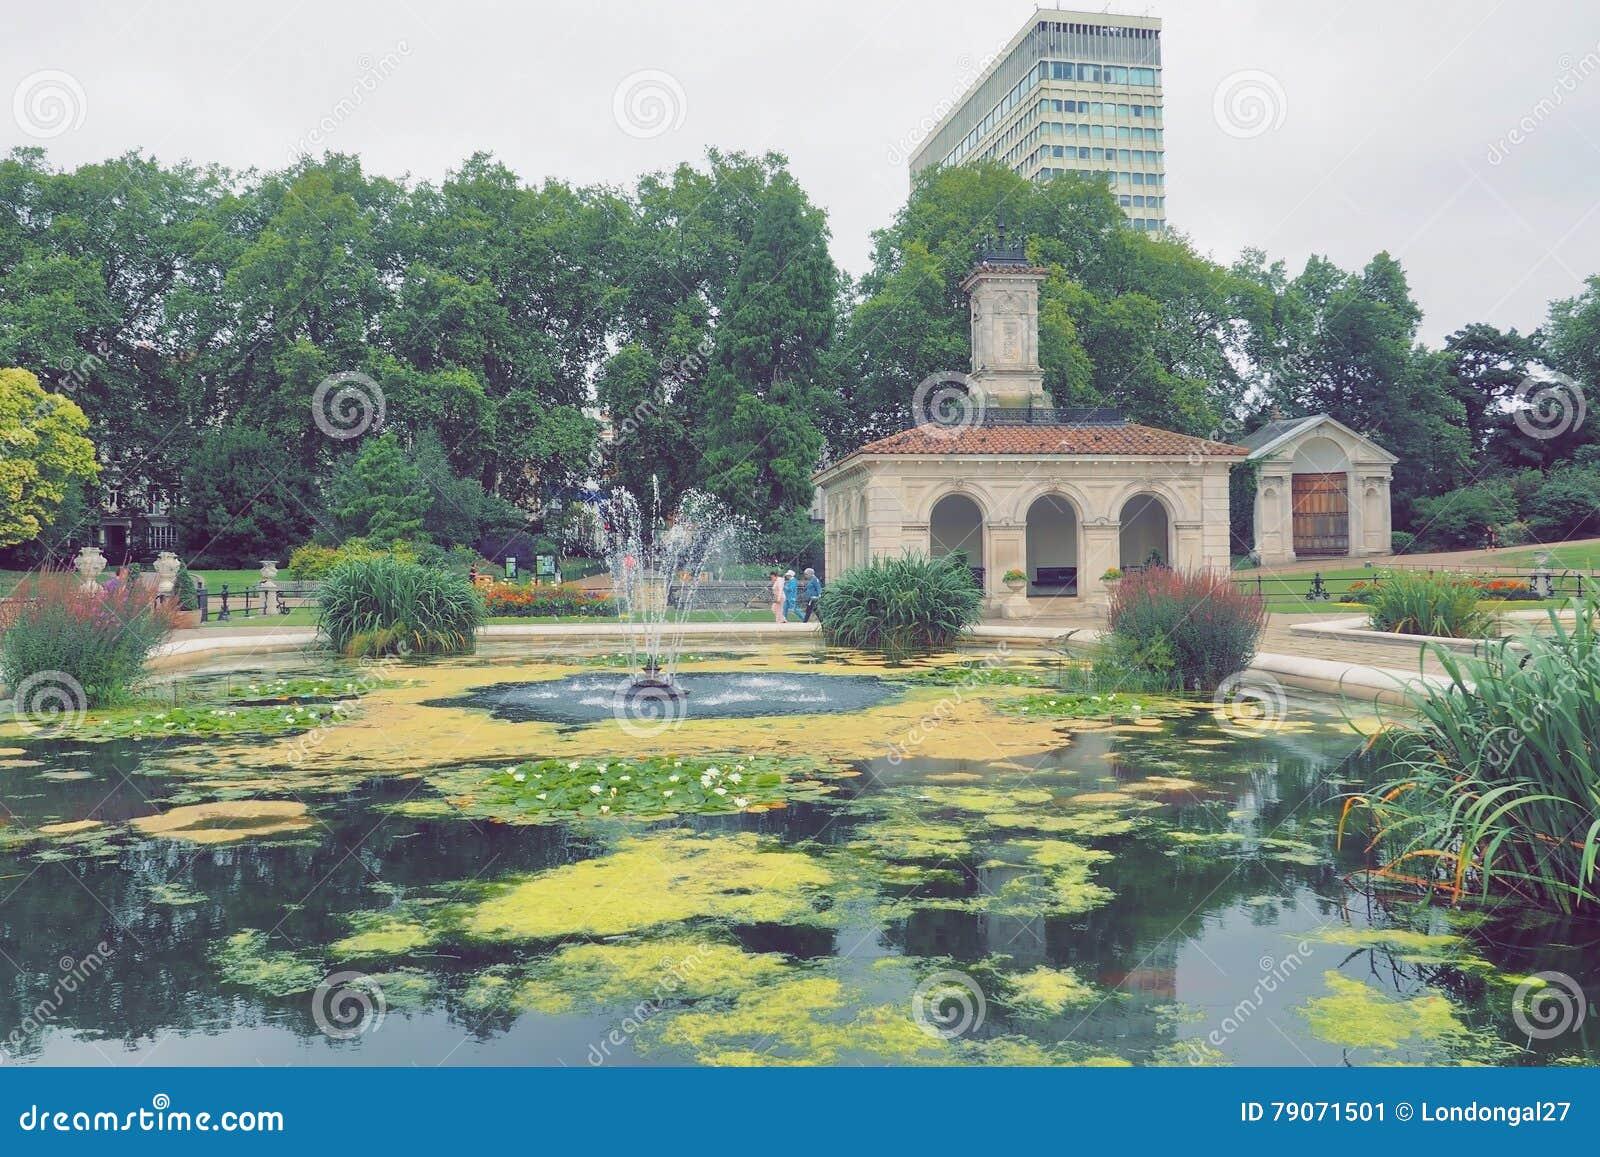 Los jardines italianos en hyde park londres imagen de for Jardines italianos